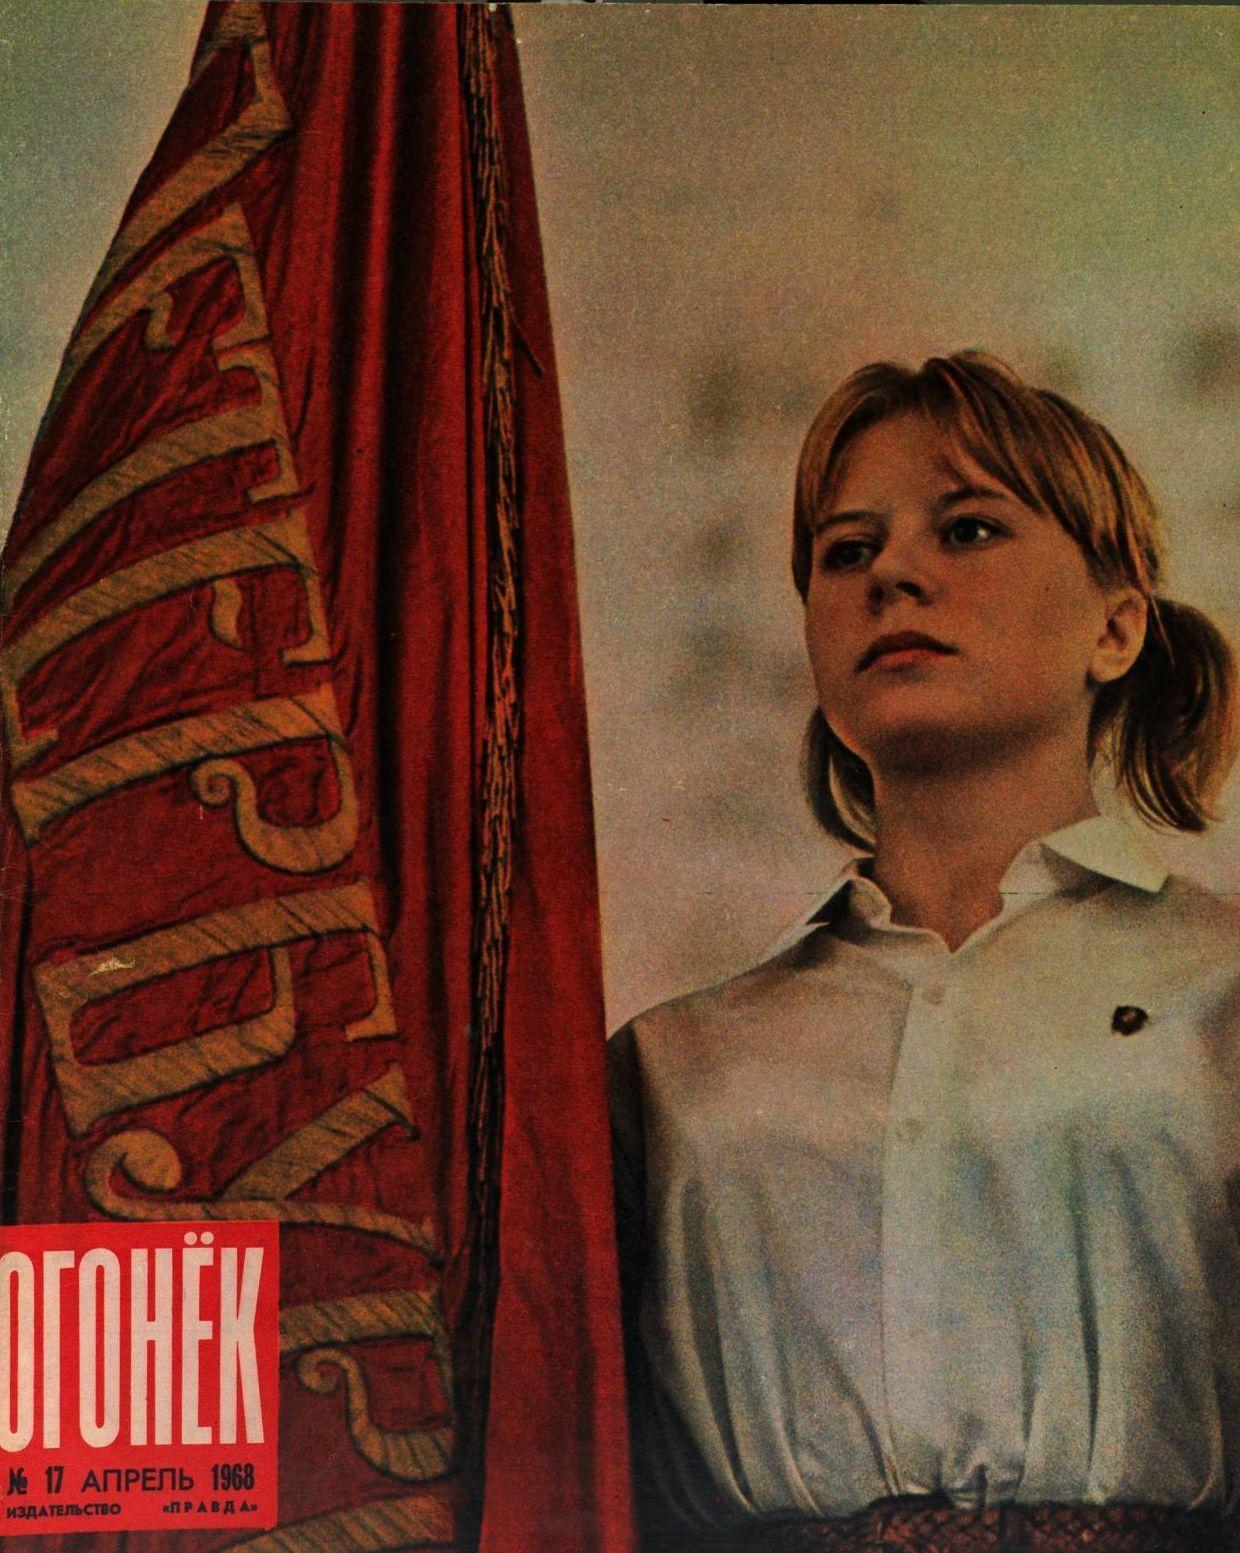 Журнал Огонек №17 апрель 1968